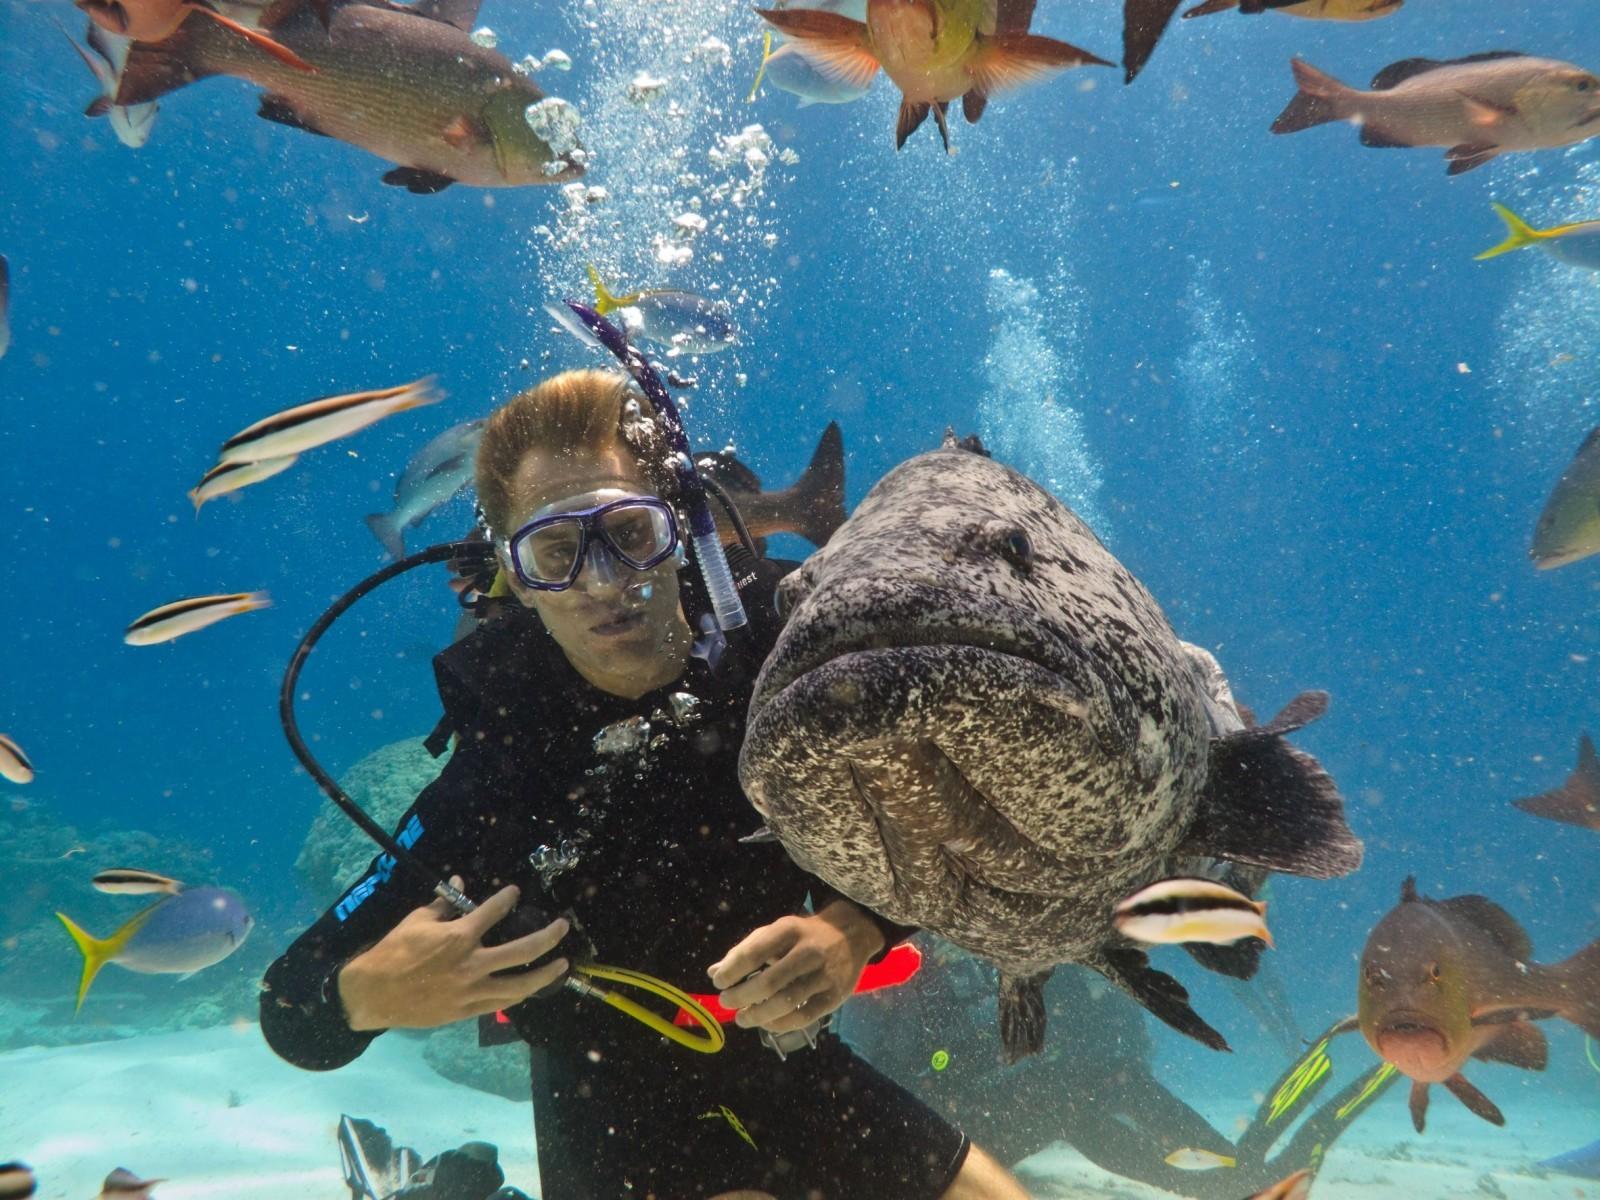 壁纸 海底 海底世界 海洋馆 水族馆 1600_1200